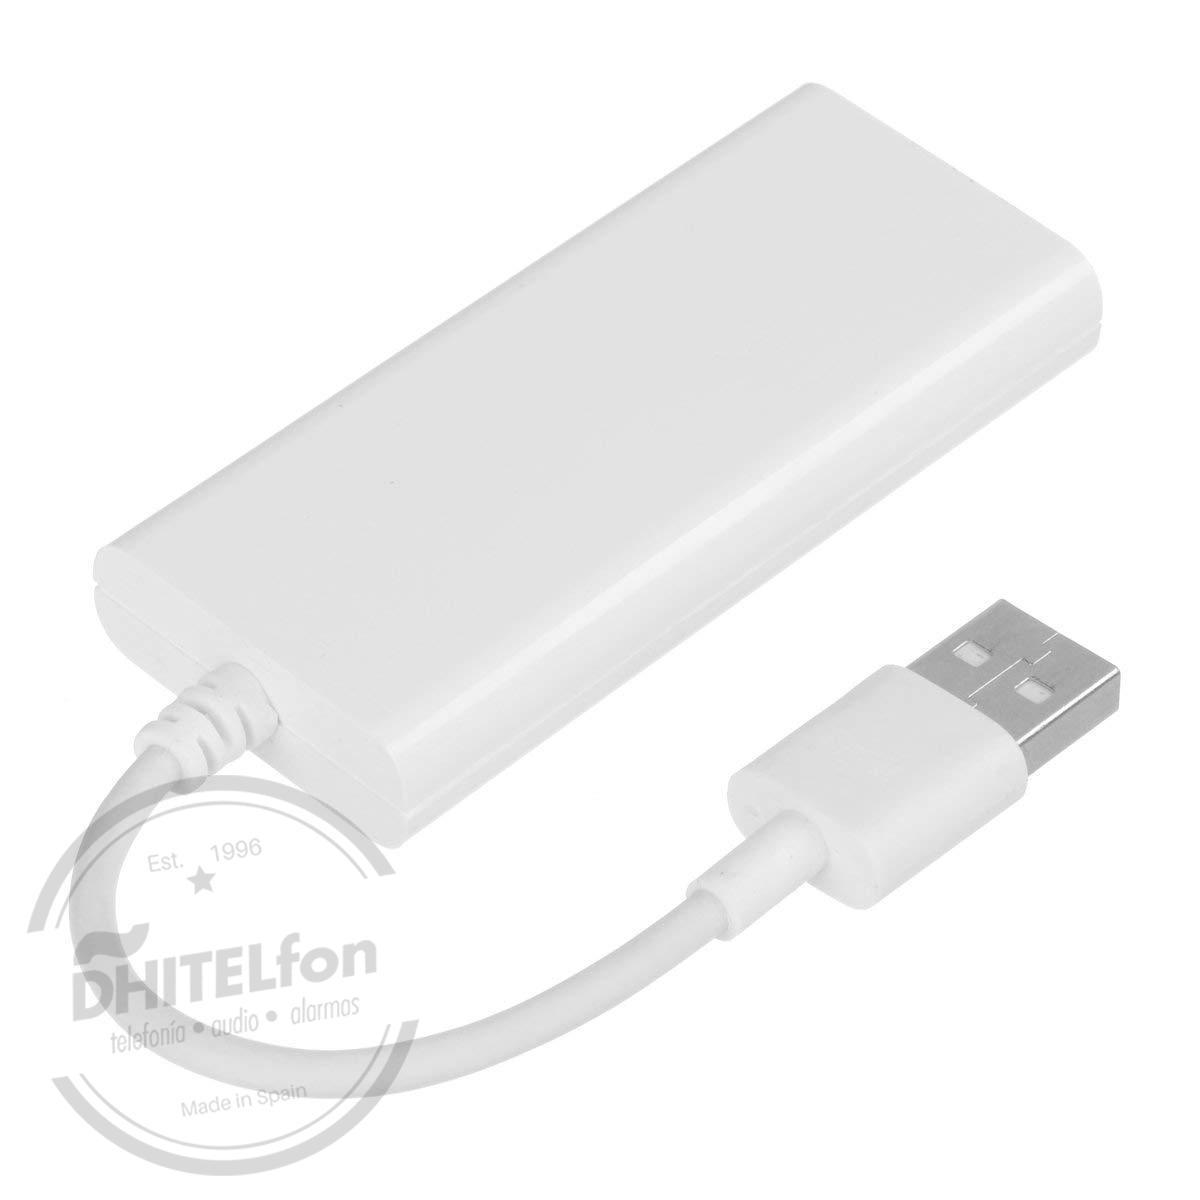 En DHITELfon, Adaptador de receptor de enlace de smartphone USB: deja que tu iPhone y tu teléfono Android funcionen perfectamente con el sistema de audio..